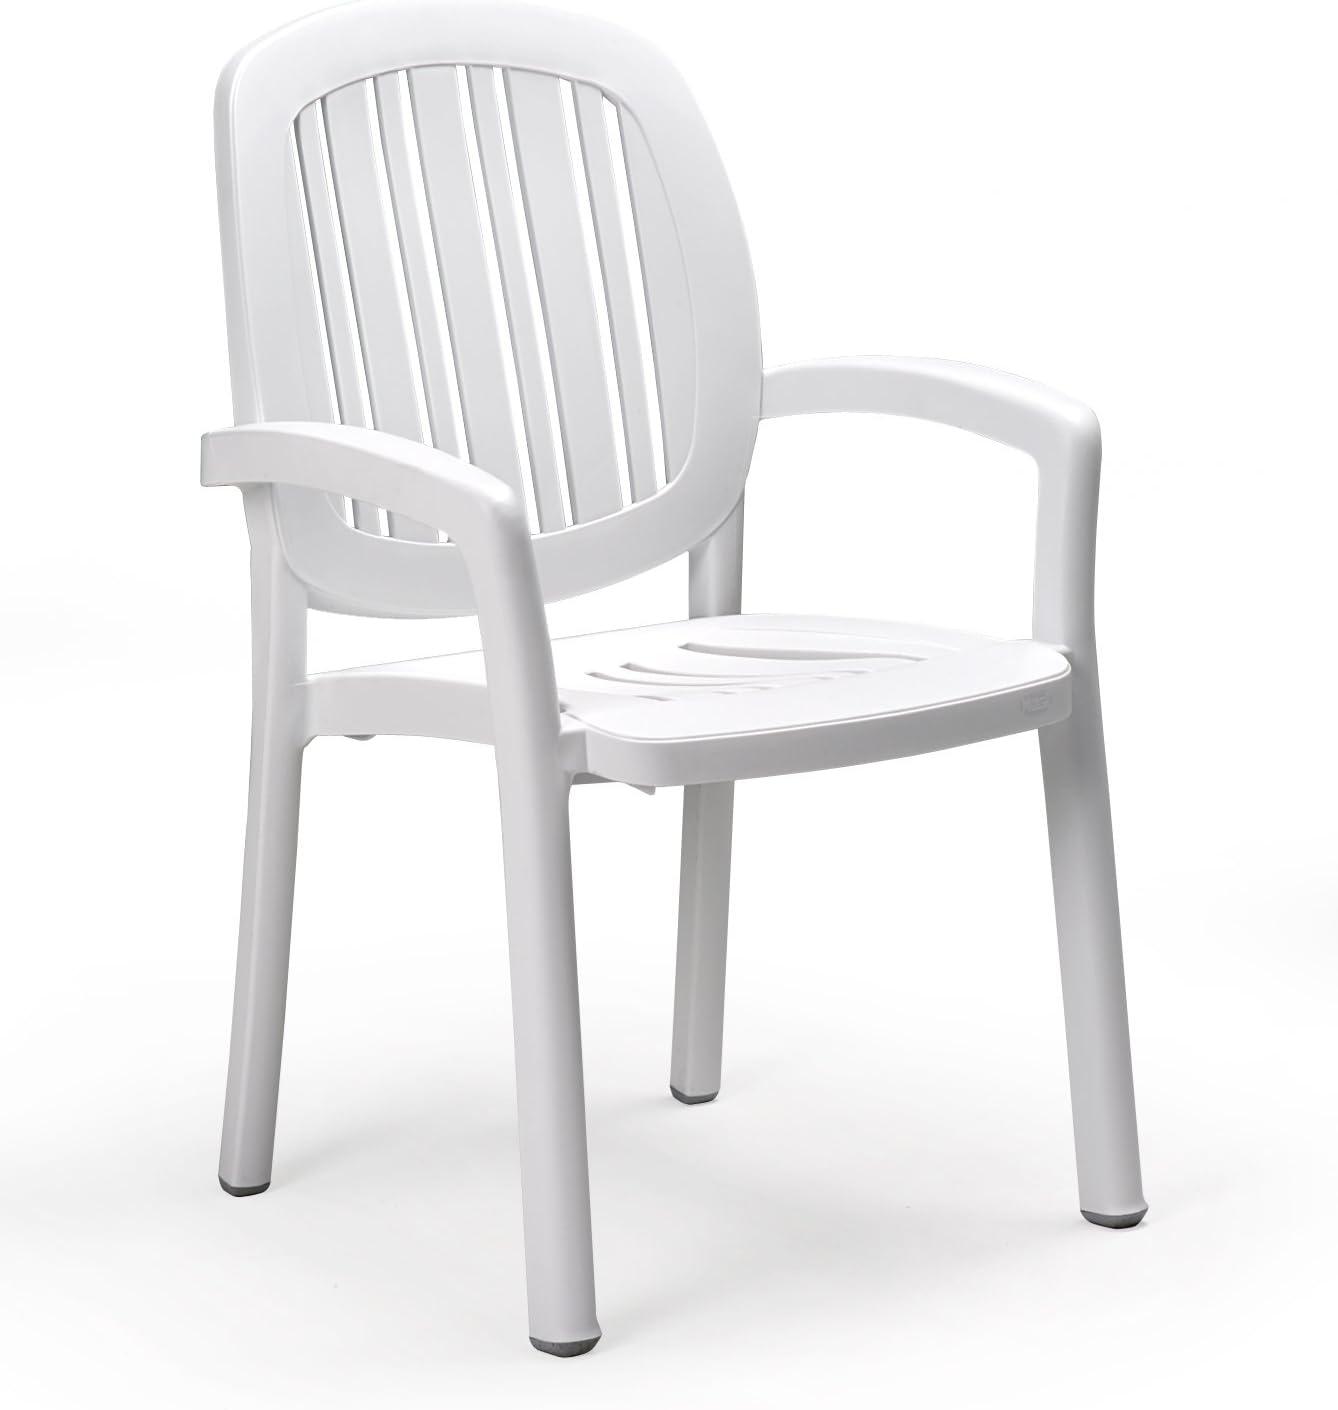 NARDI Sedia in resina bianca impilabile bianco PONZAB